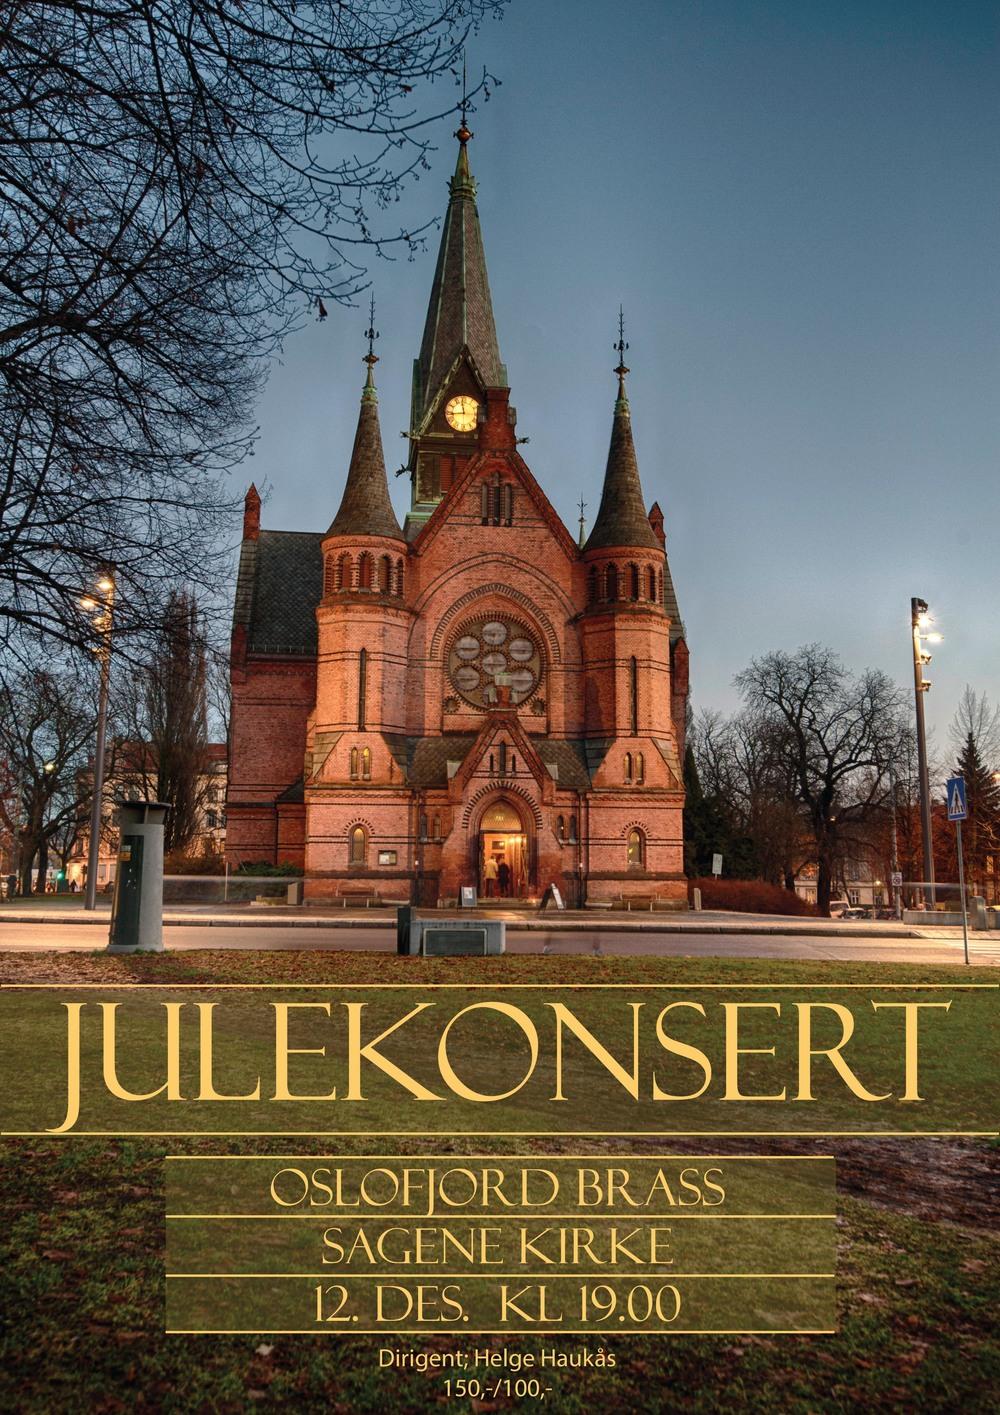 Oslofjord_Brass_julekonsert_Sagene_kirke_2014.jpg